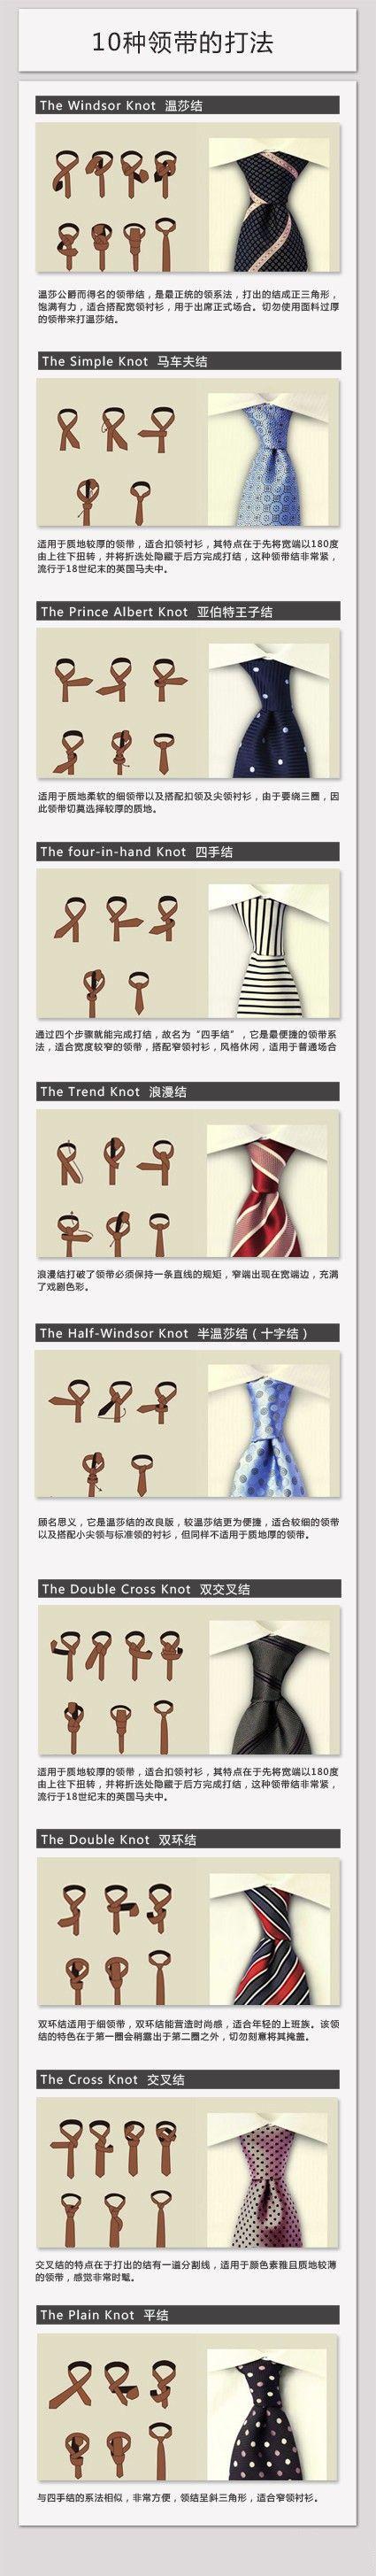 10 noeuds de cravate - 10种领带的打法